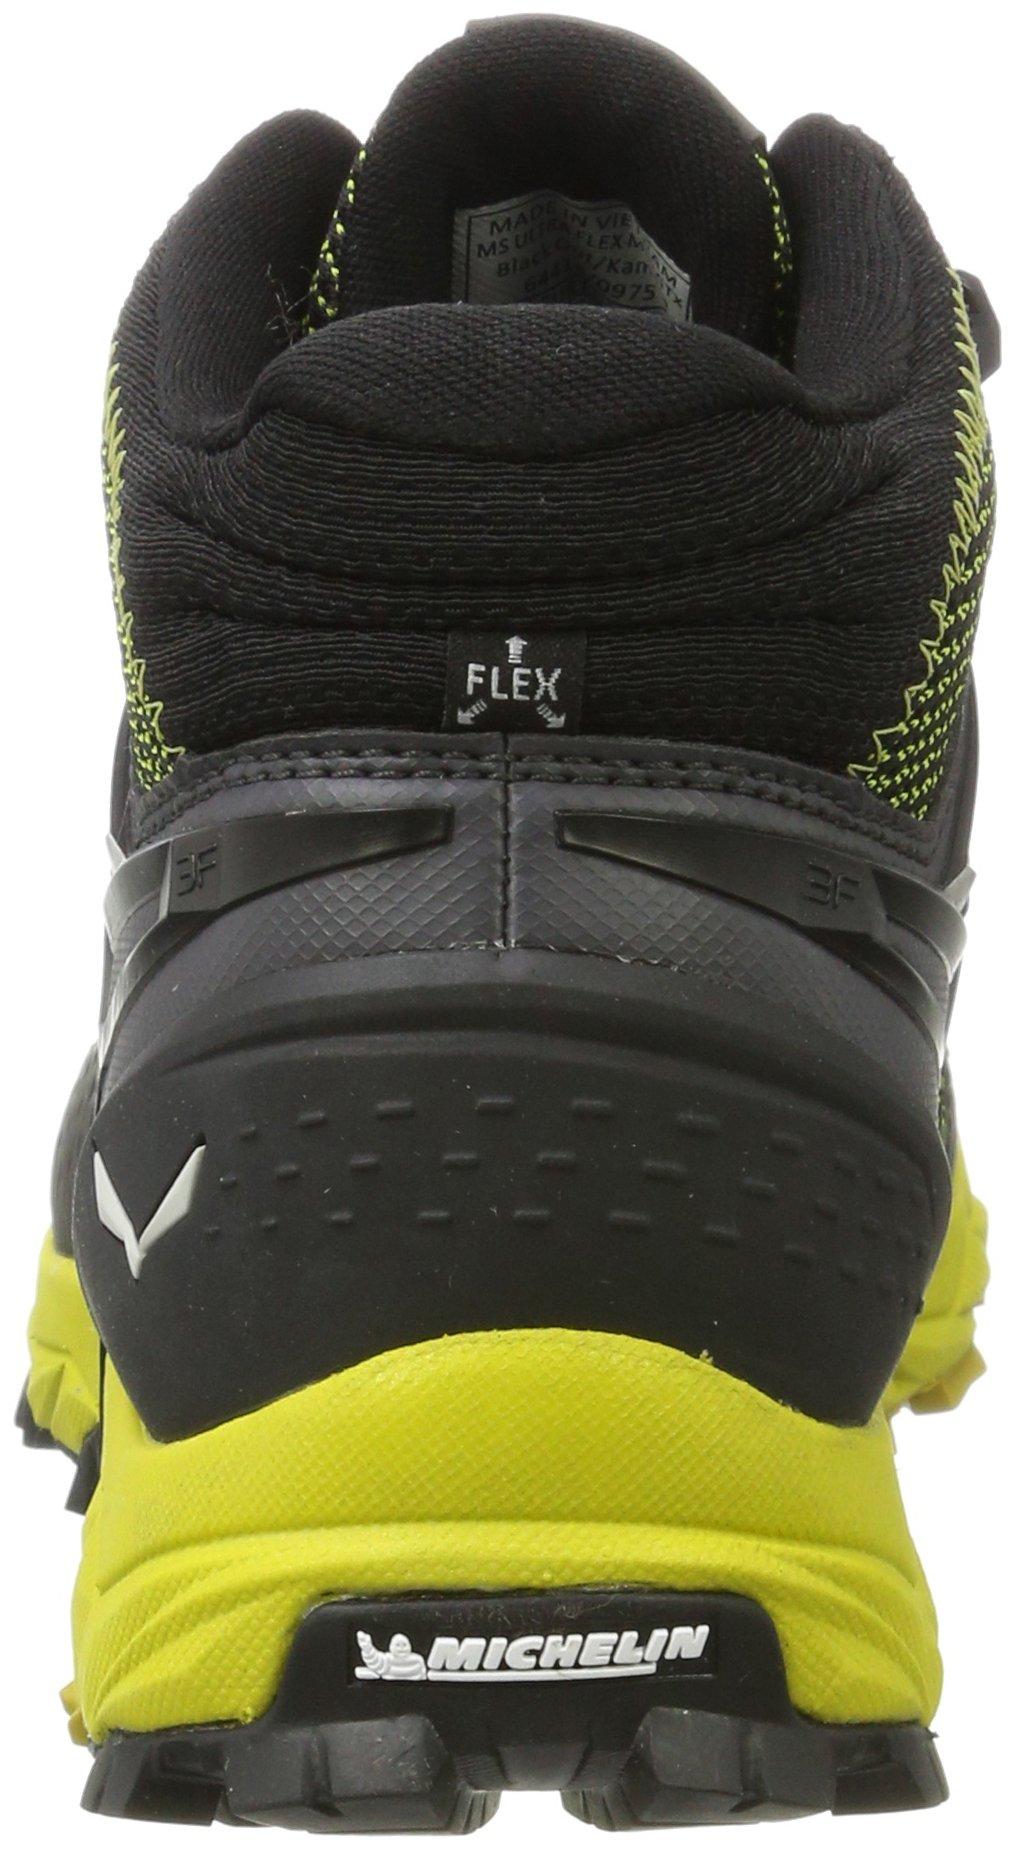 71XoqUY4xOL - Salewa Men's Ms Ultra Flex Mid GTX High Rise Hiking Boots